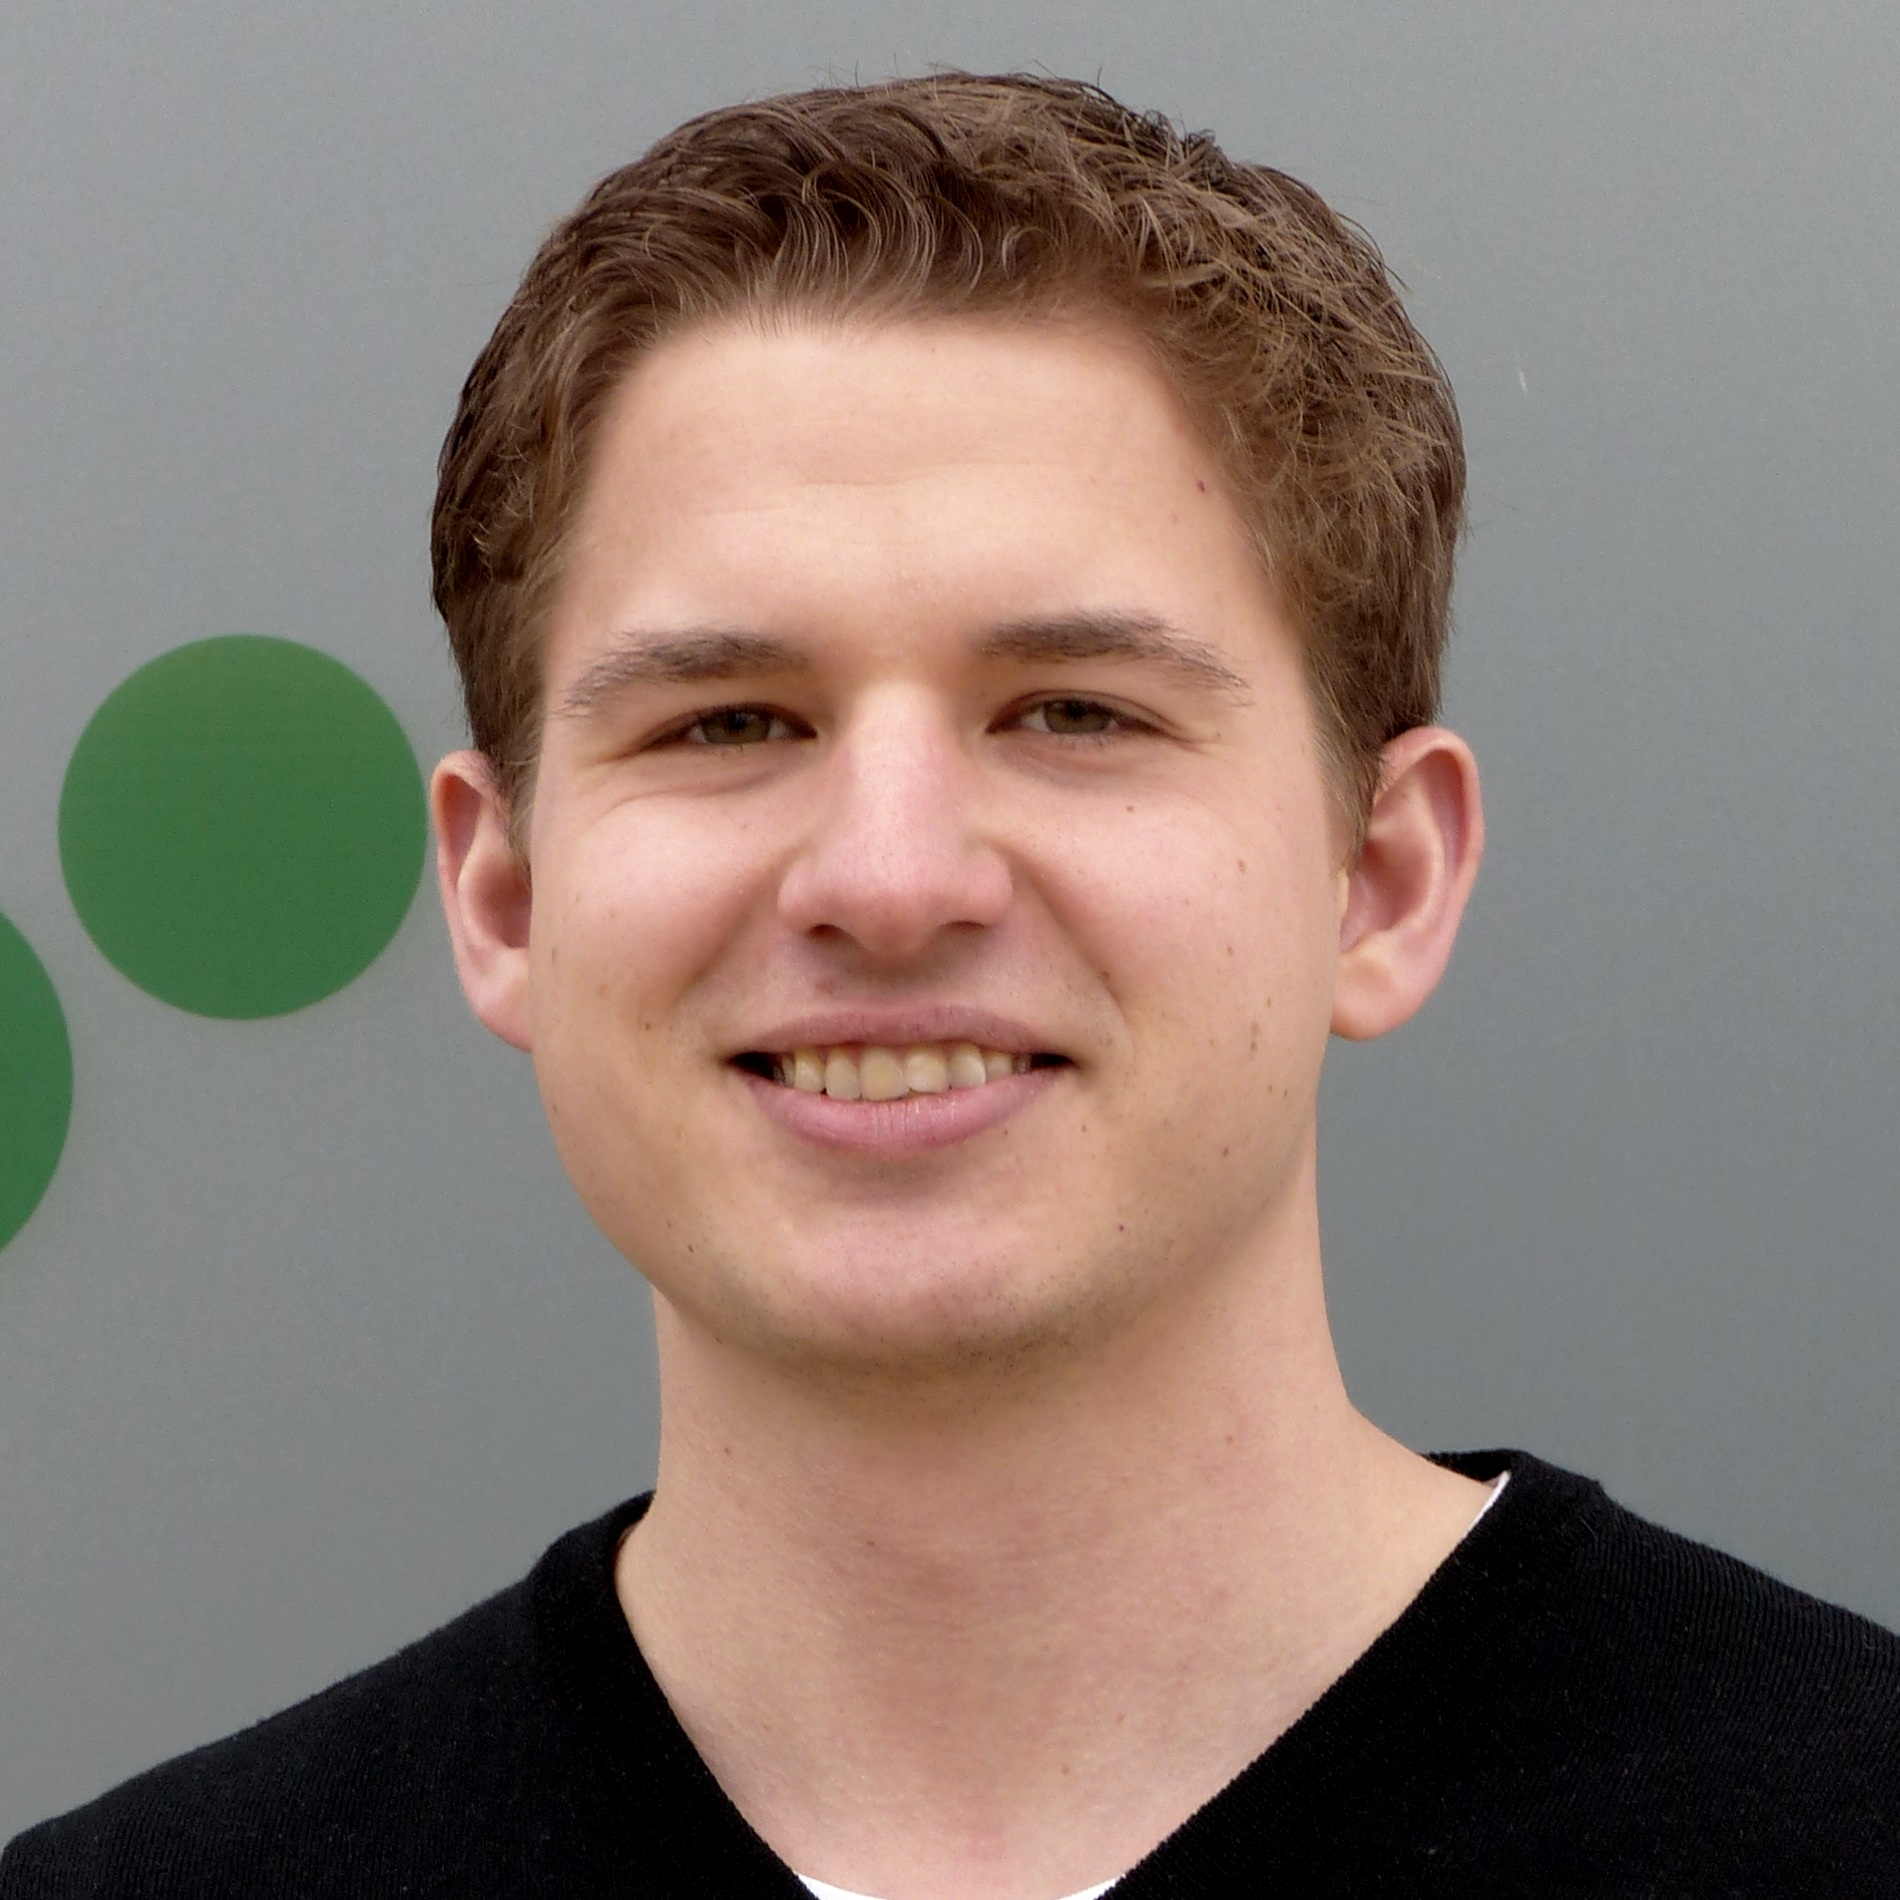 Philipp Jäker